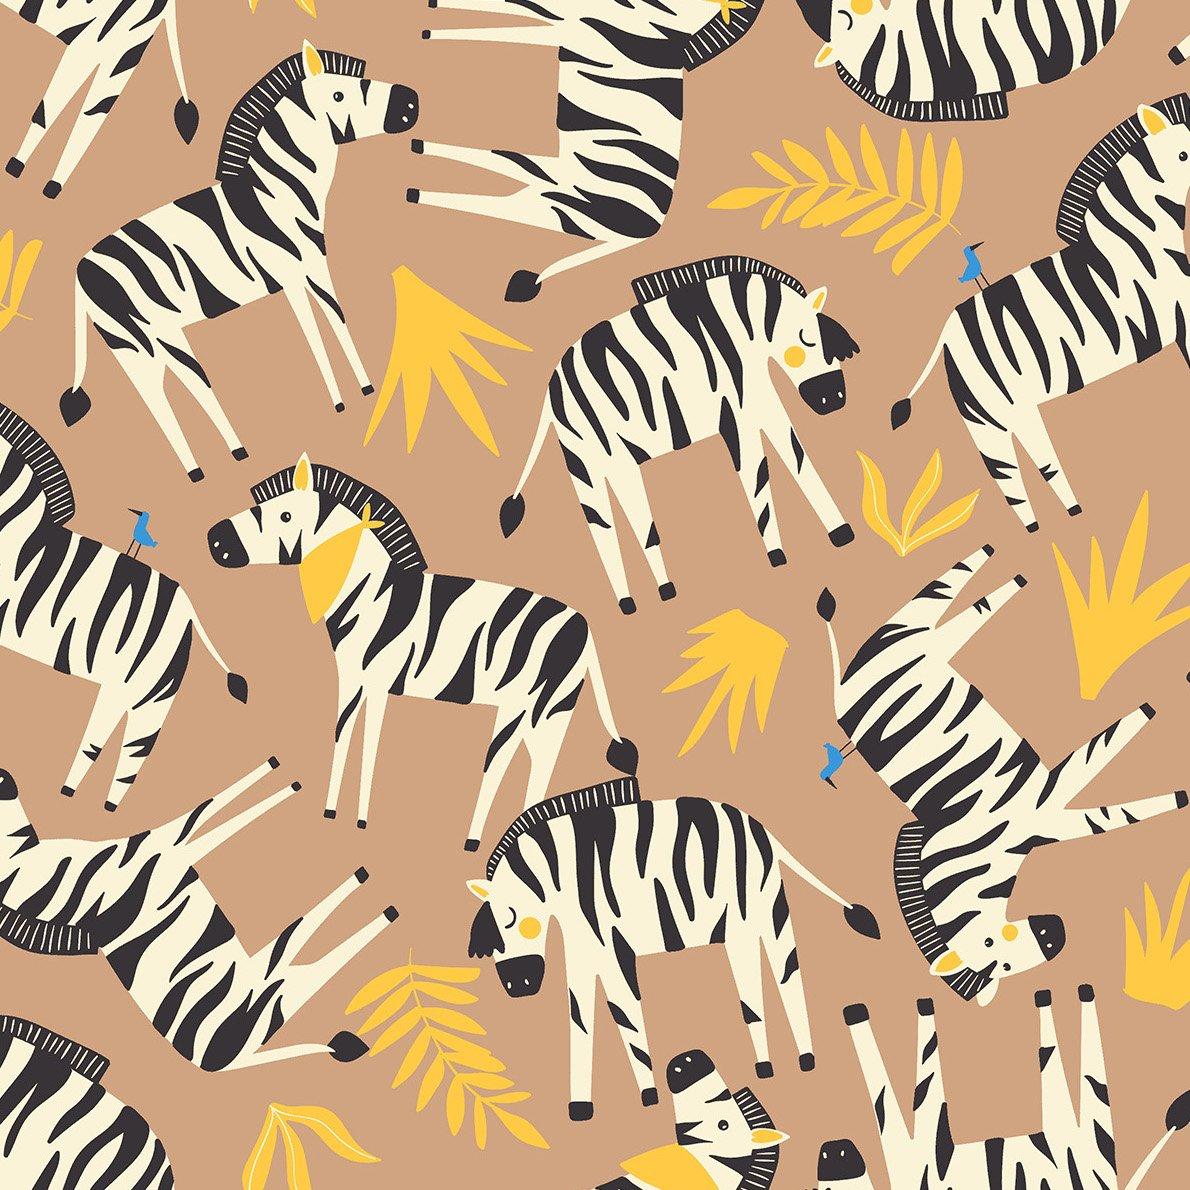 RJR Studio Adventure - Finding Zebras (Larch)